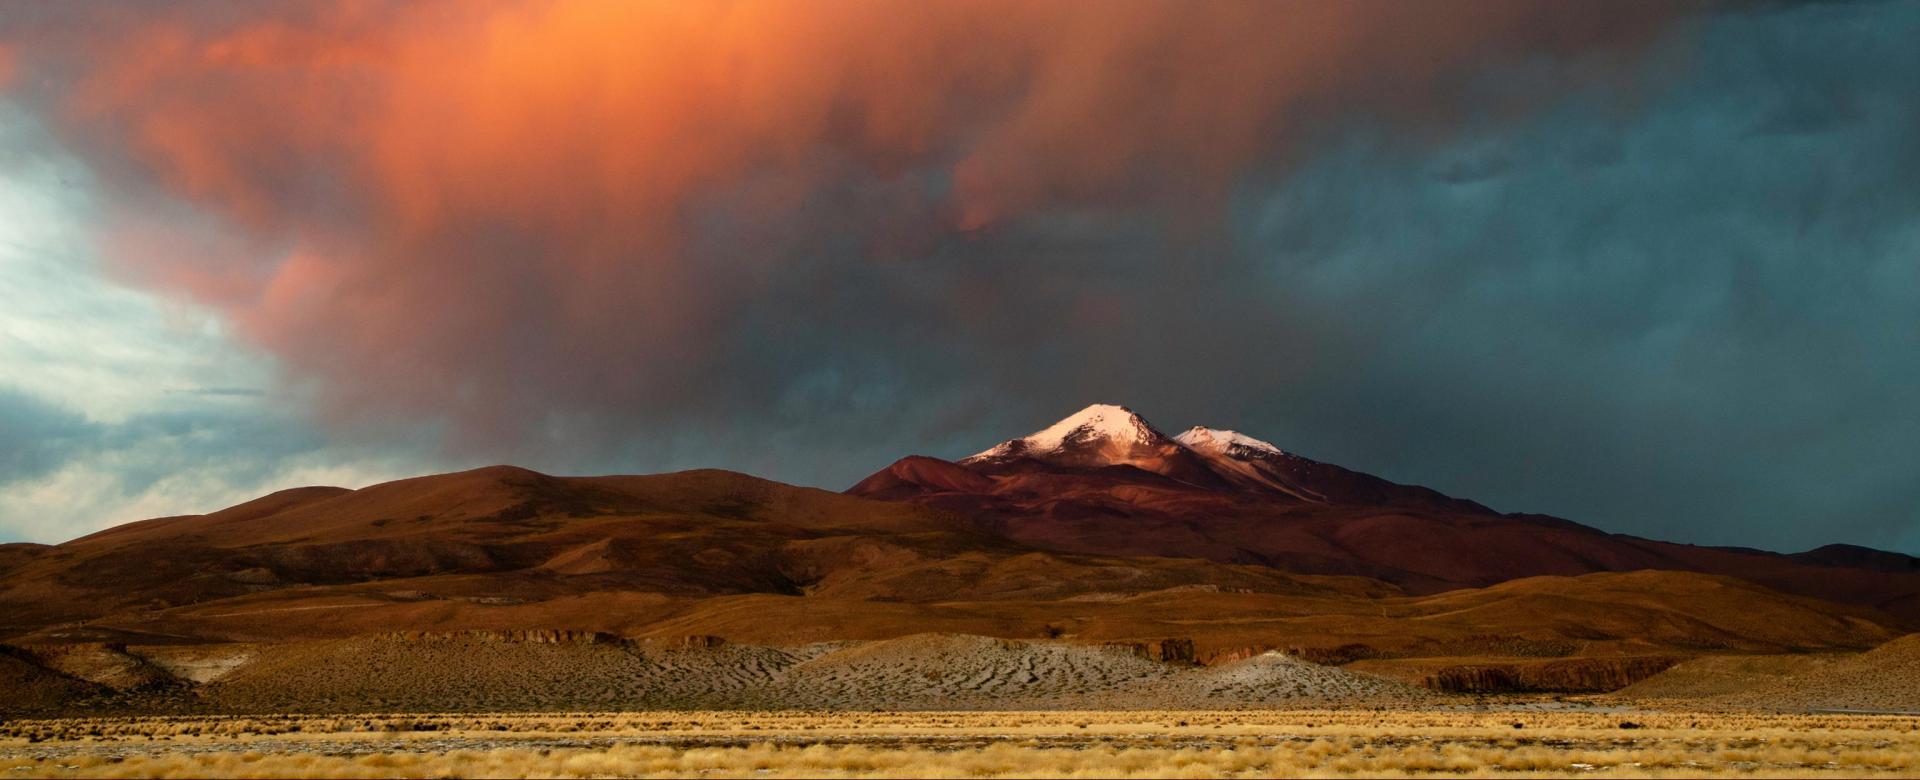 Voyage à pied Bolivie : Les volcans du sud-lípez (22 j)